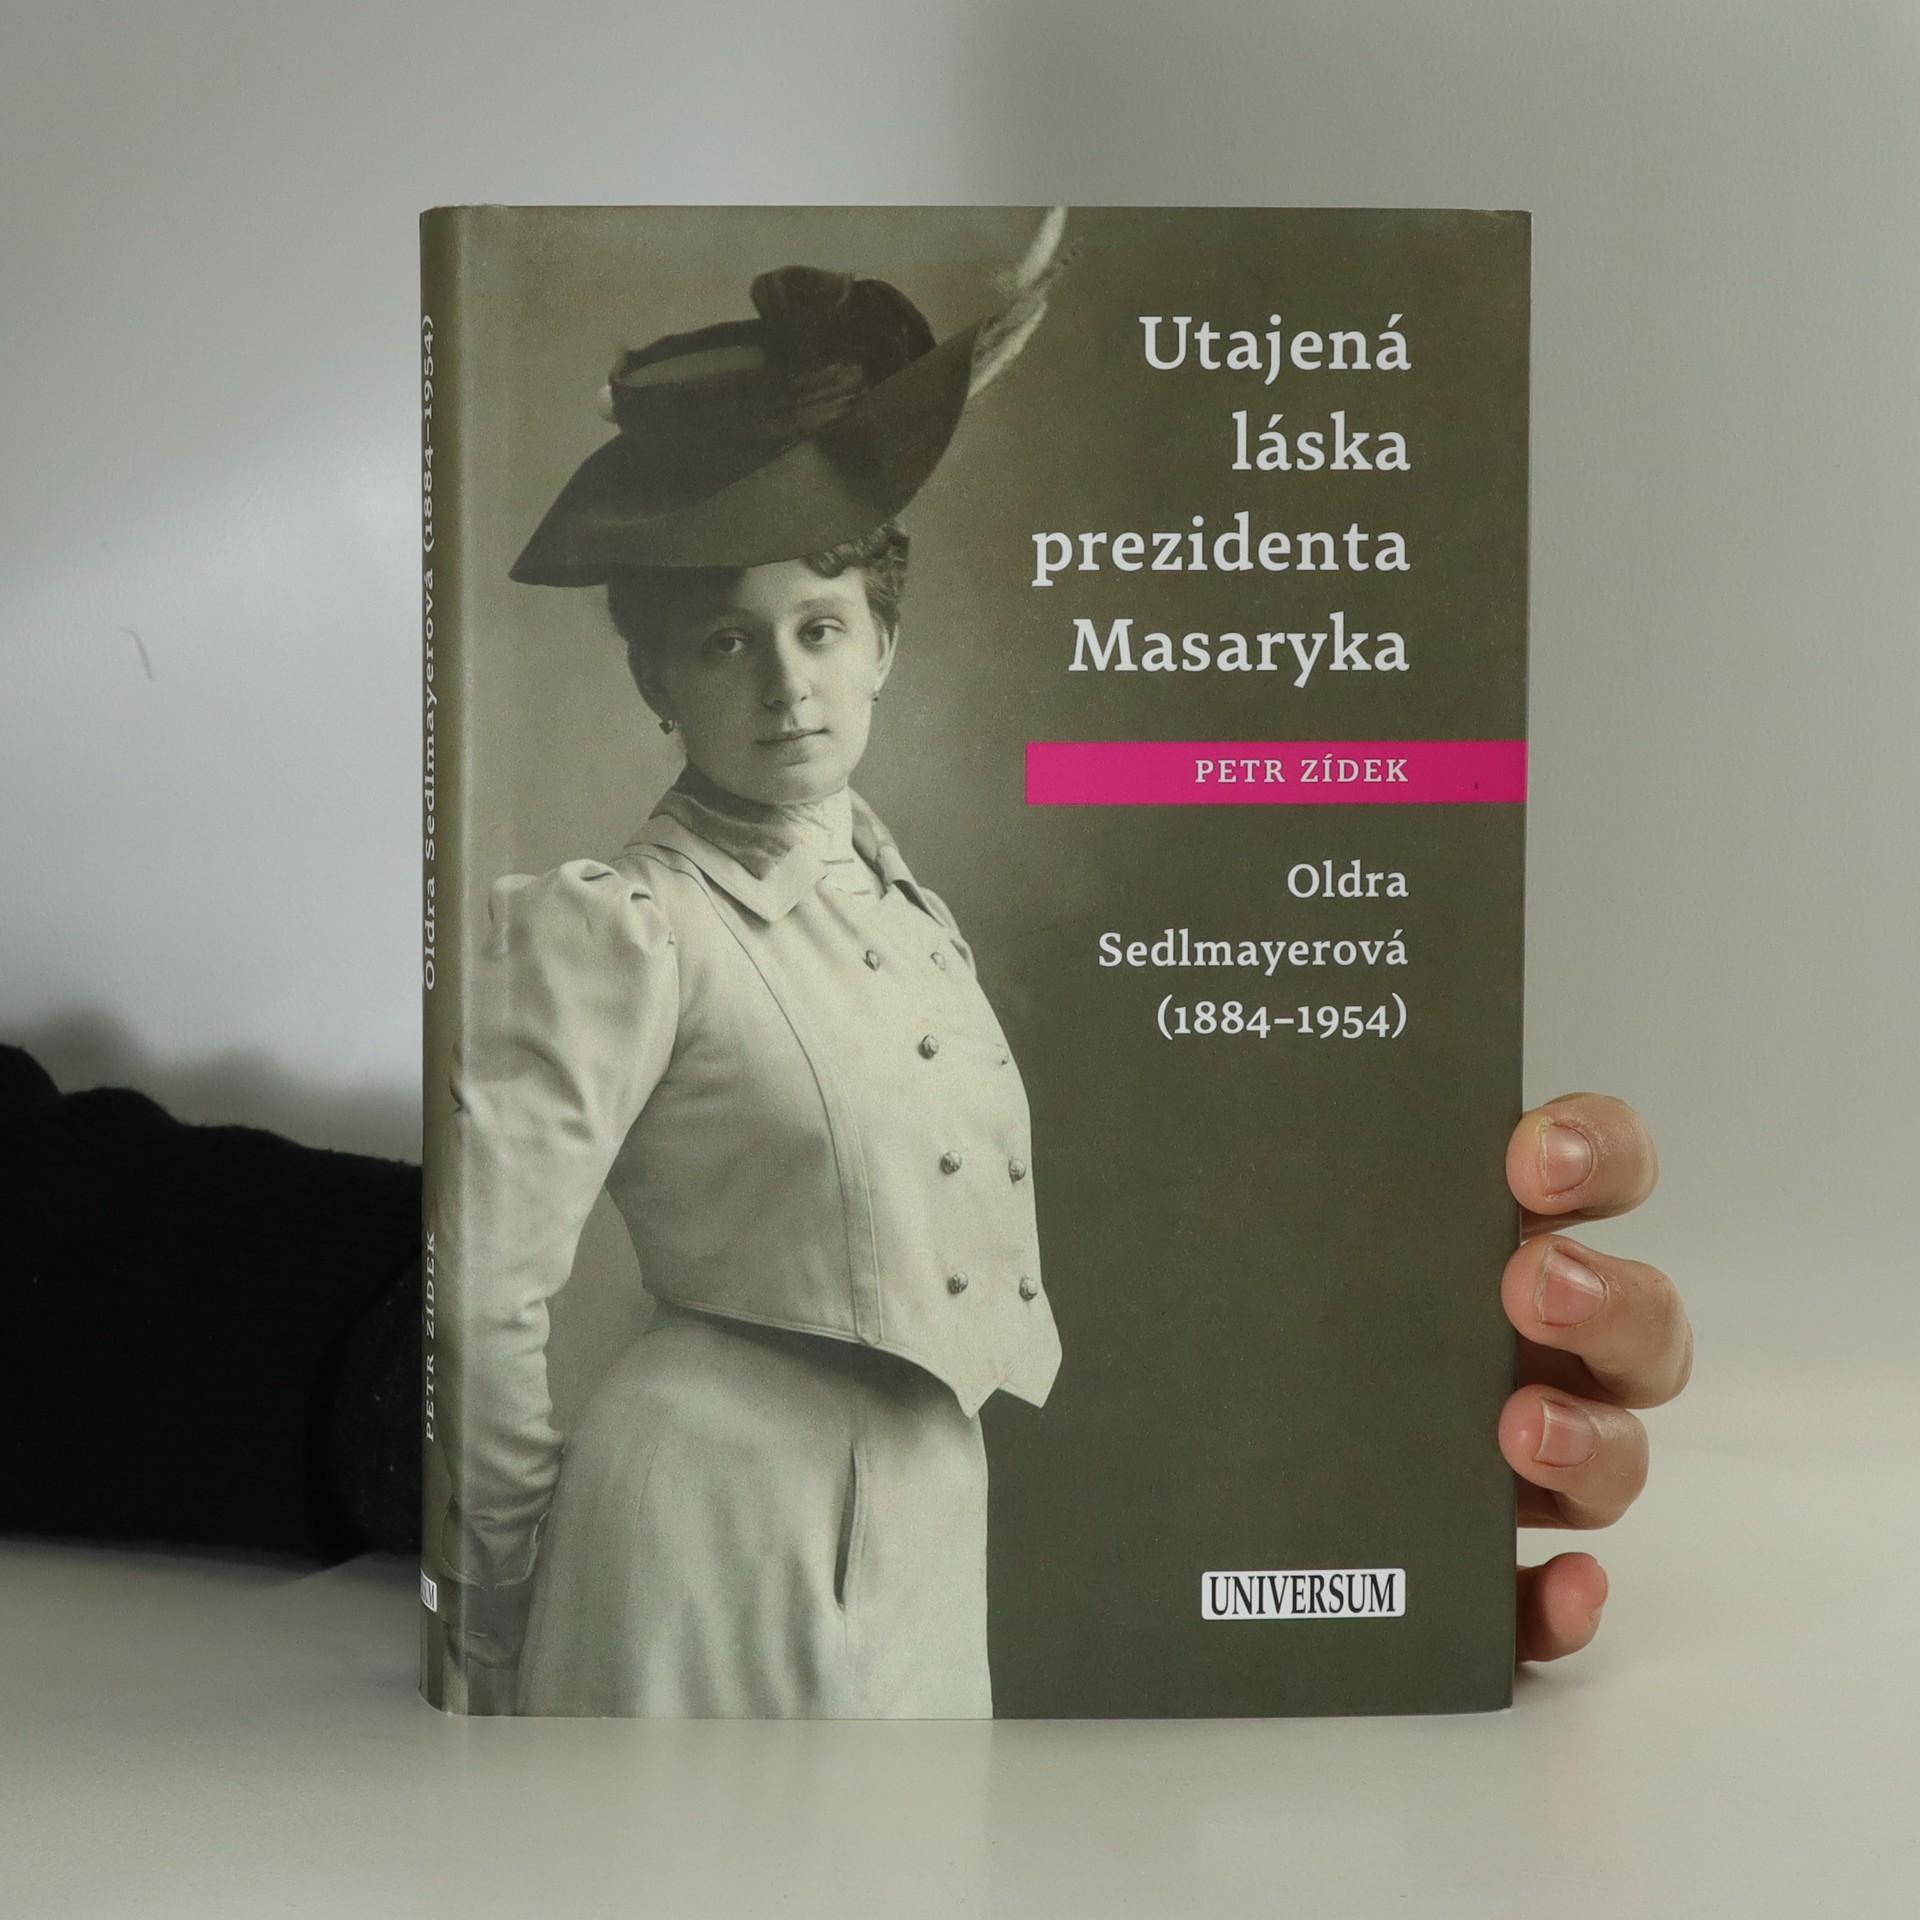 antikvární kniha Utajená láska prezidenta Masaryka, 2017